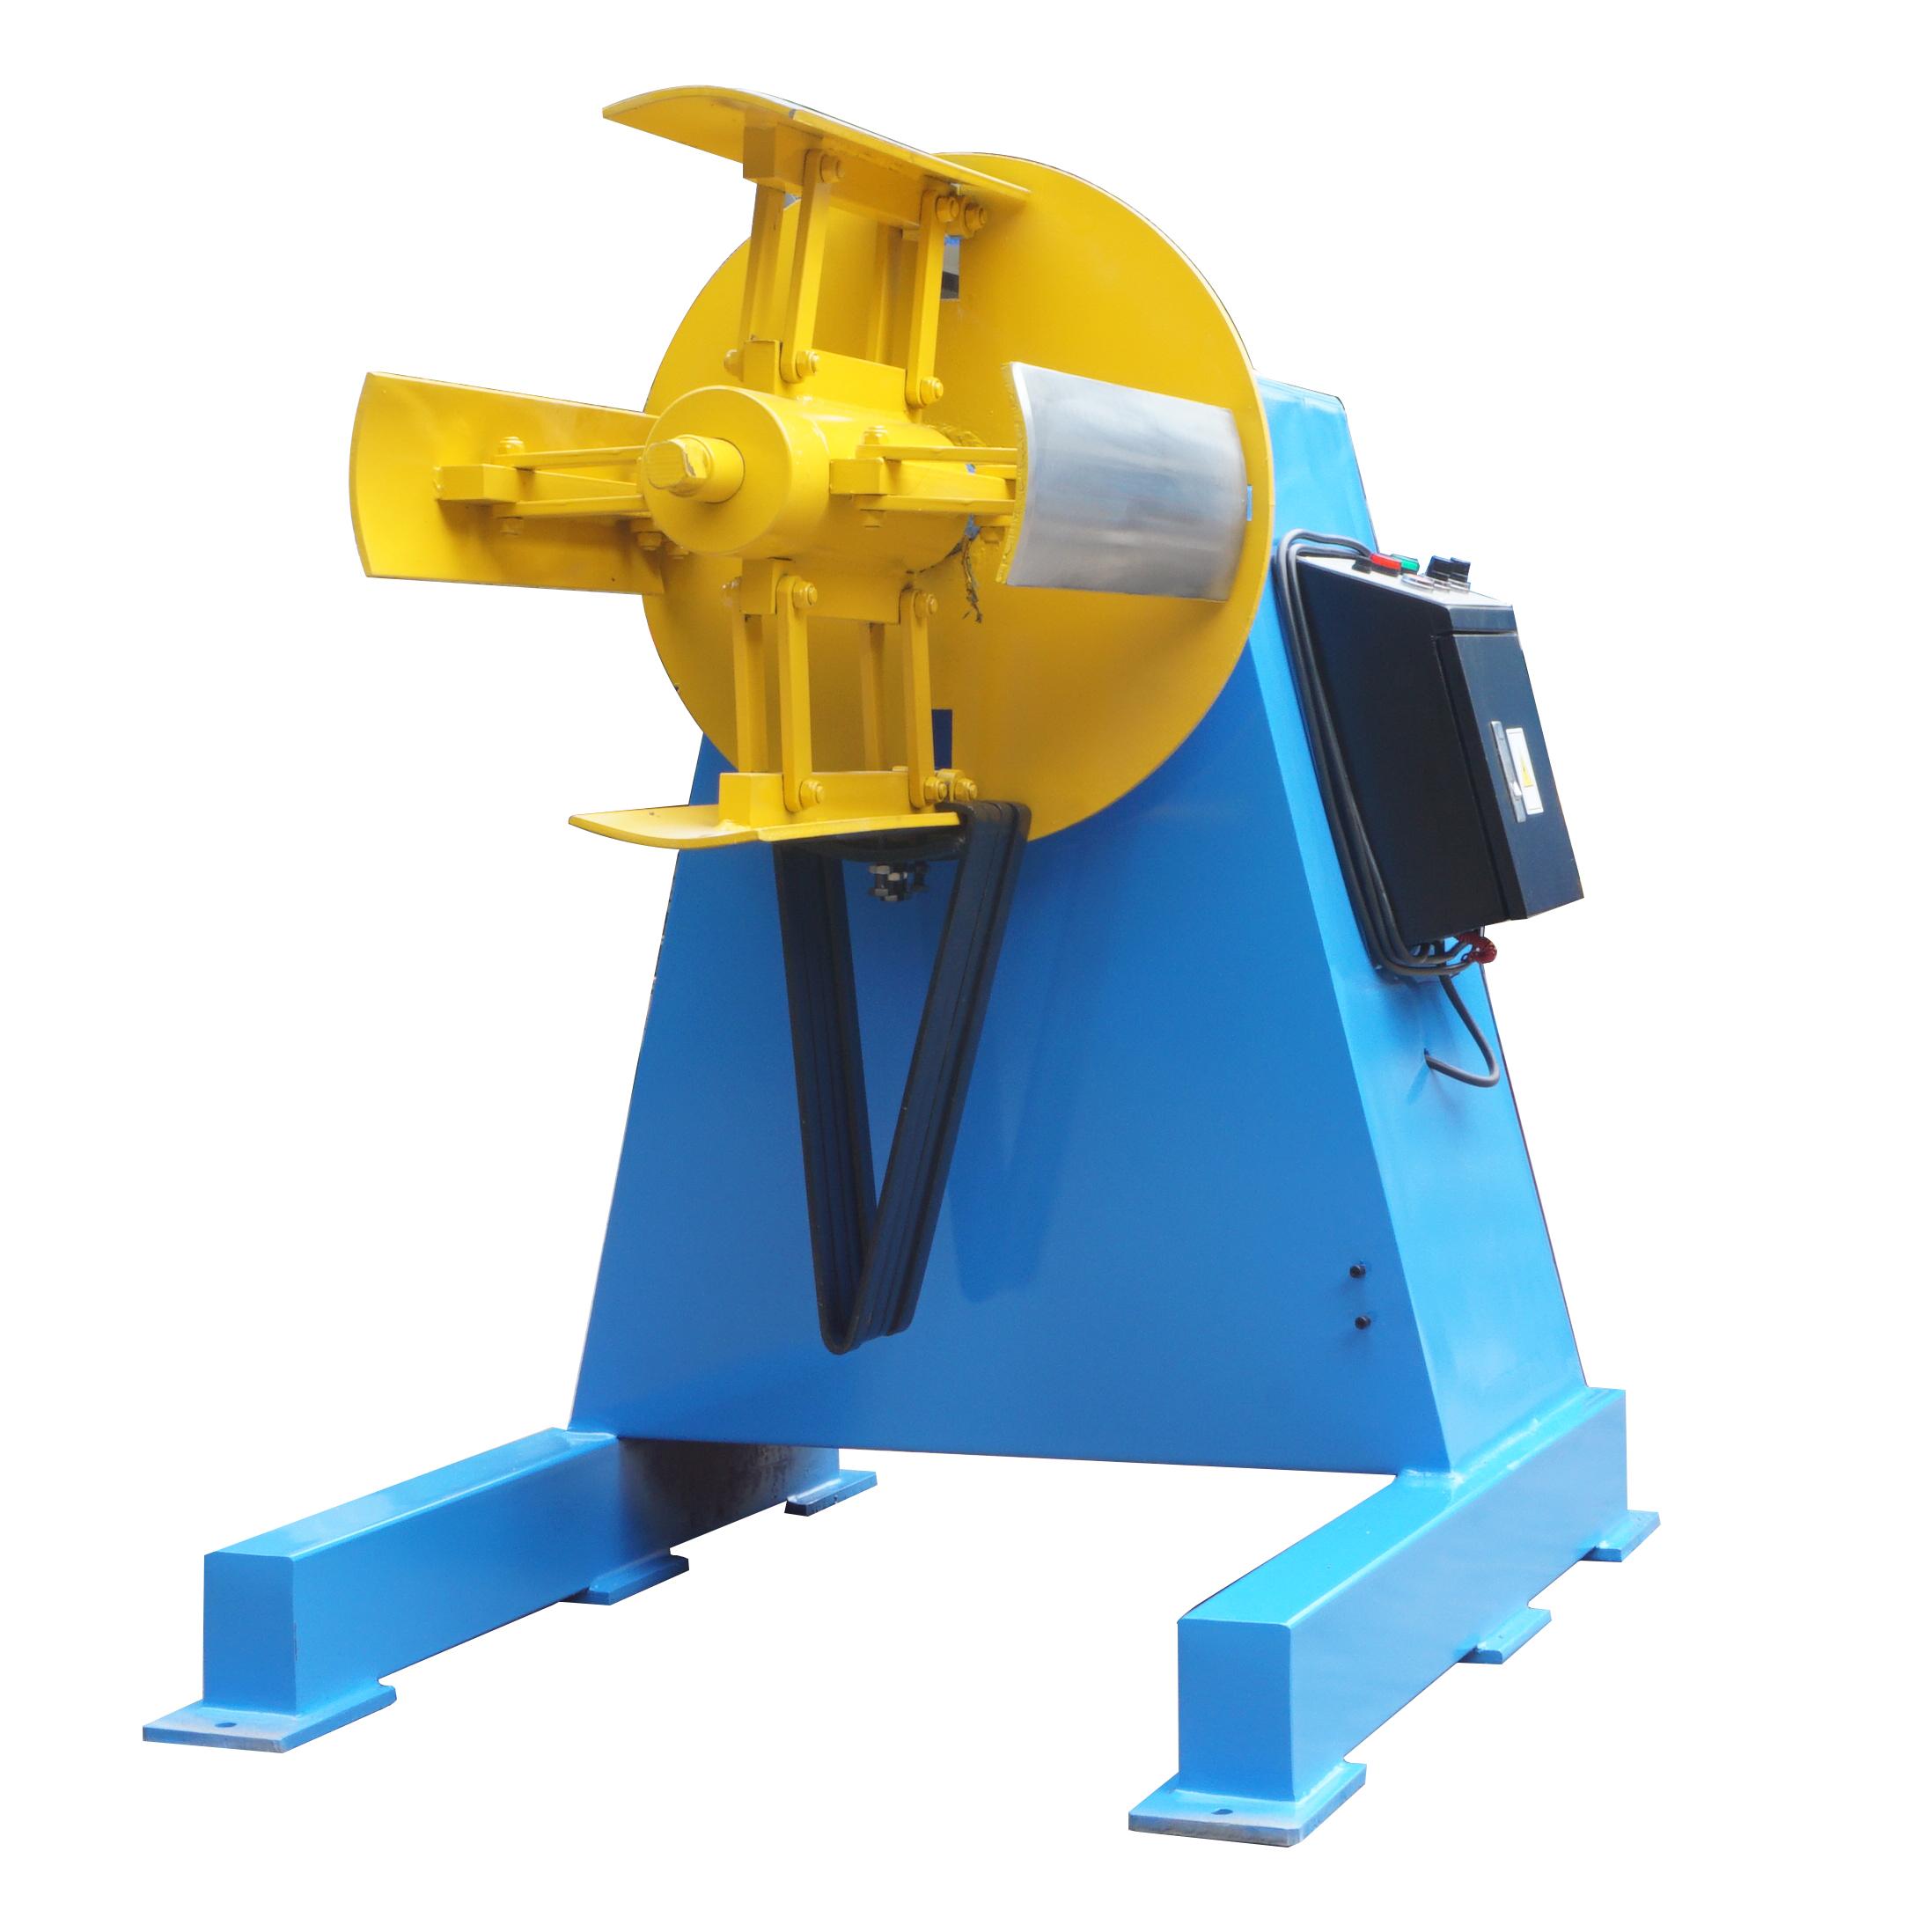 重型材料架(有动力)